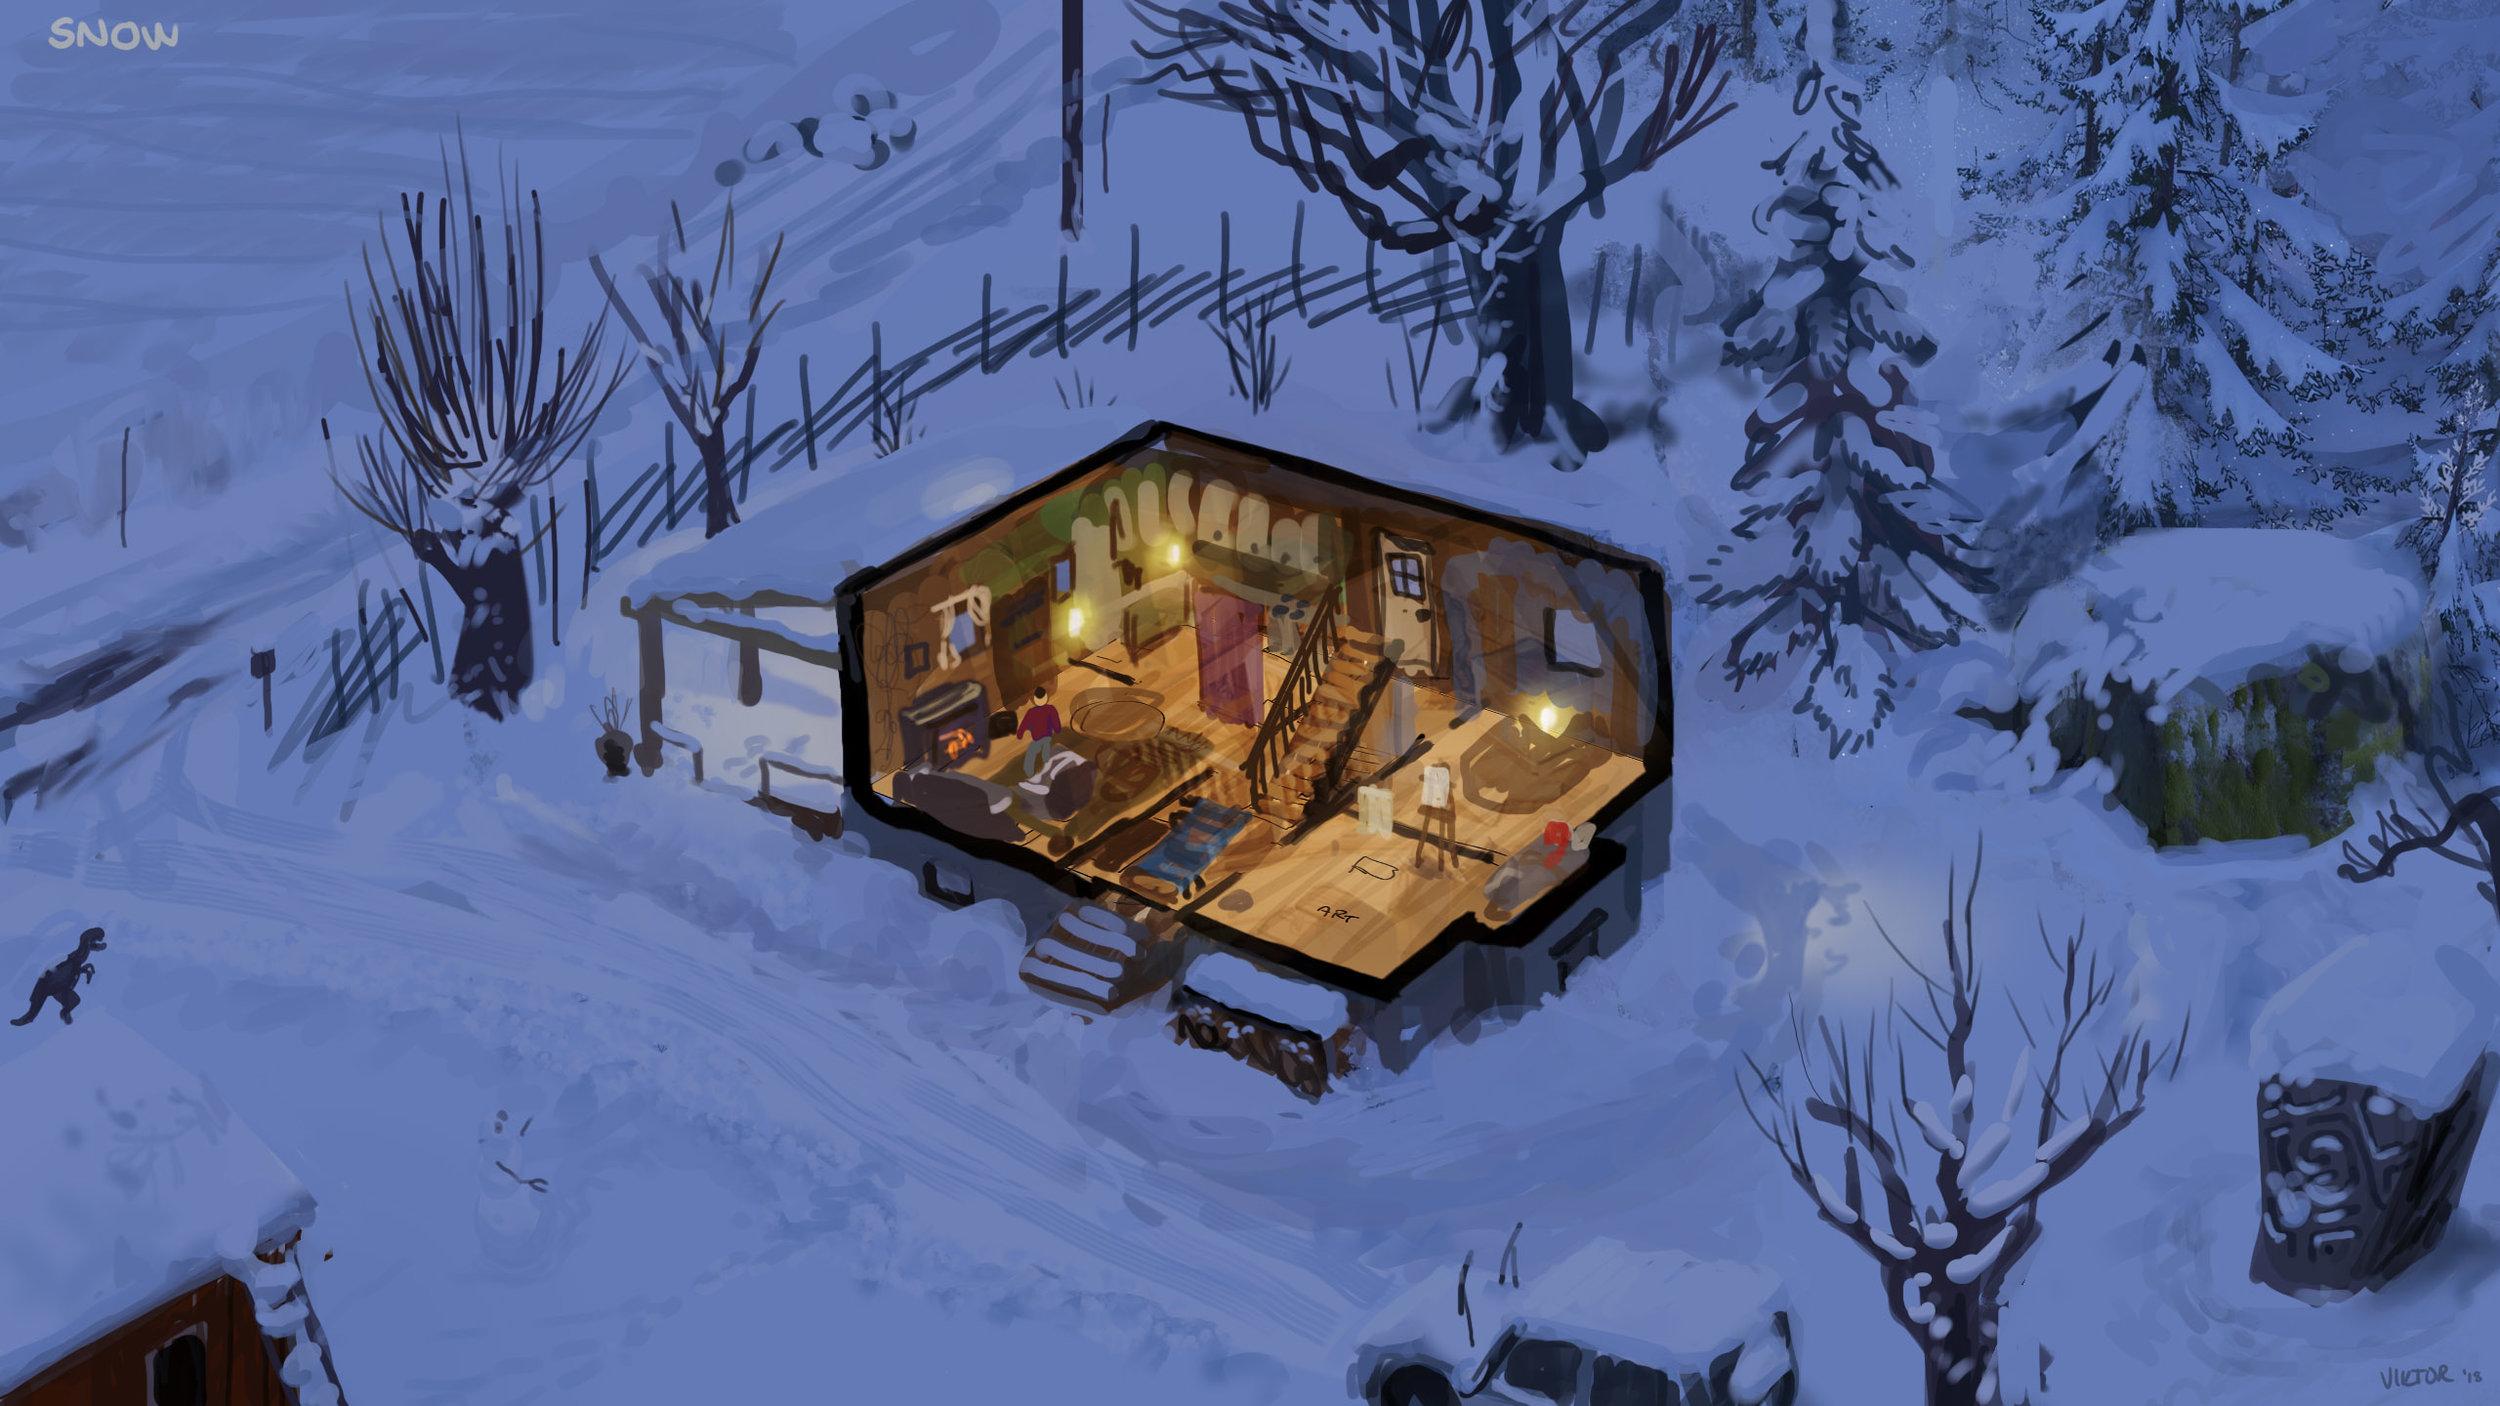 SNOW_game-2018-10-23_18.45.45.jpg